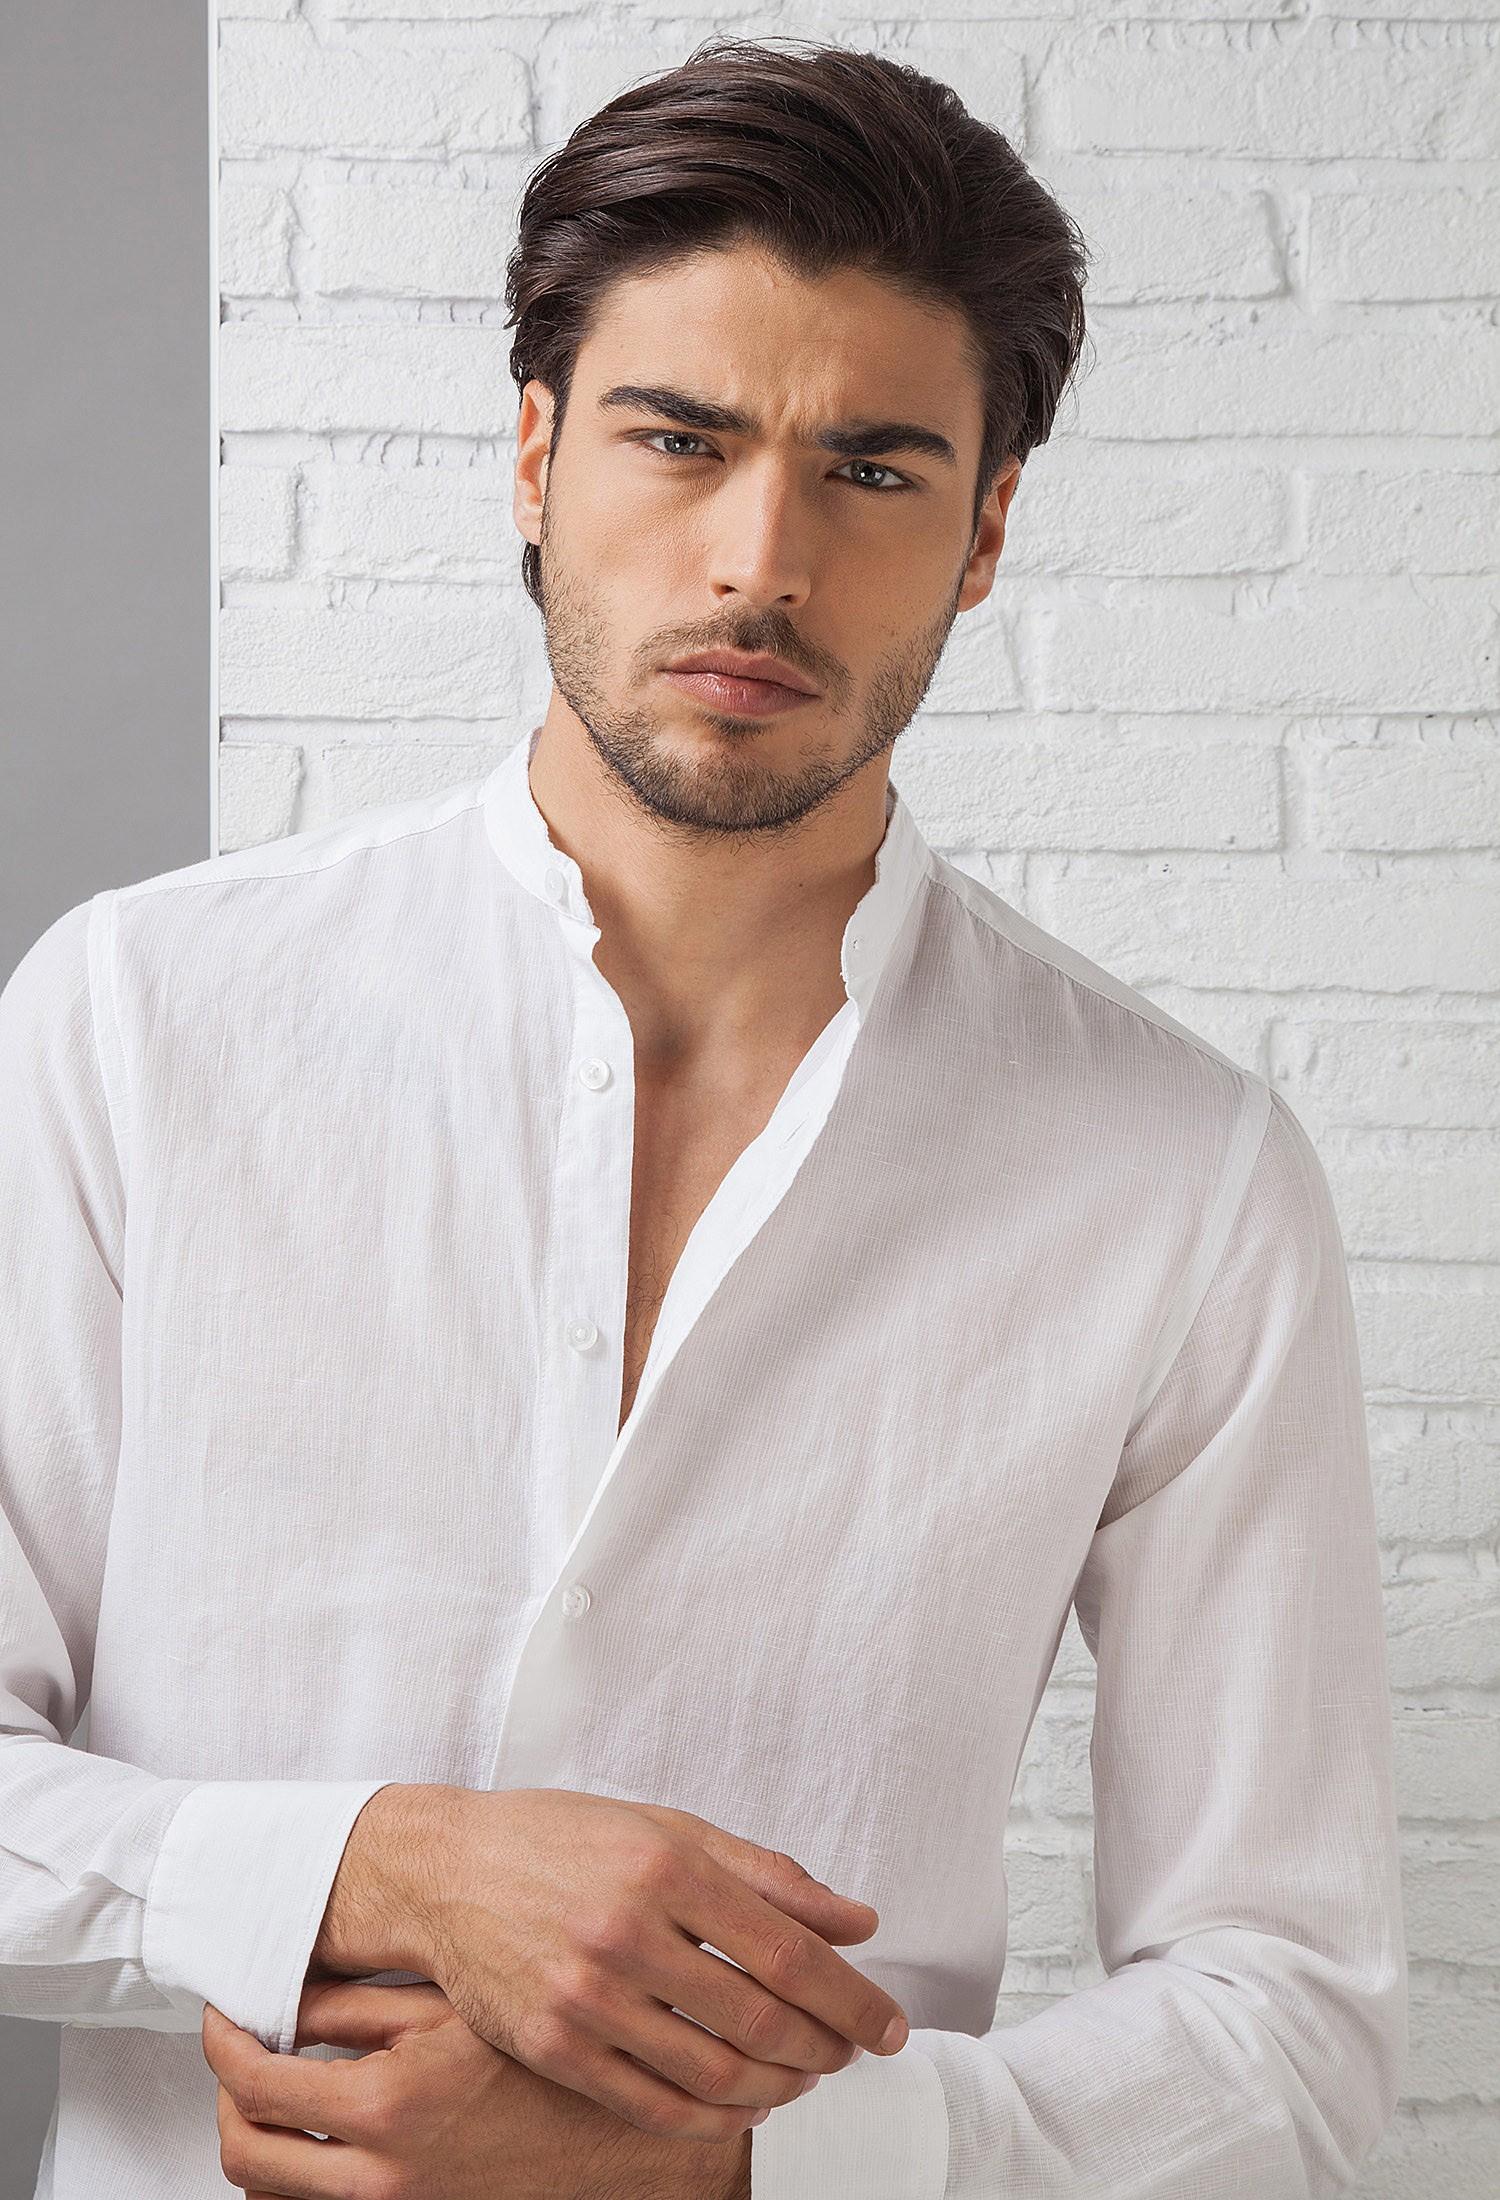 prezzi al dettaglio 50-70% di sconto colori e suggestivi Camicia Uomo in Cotone C657_CW Fradi - 81 - BIANCO